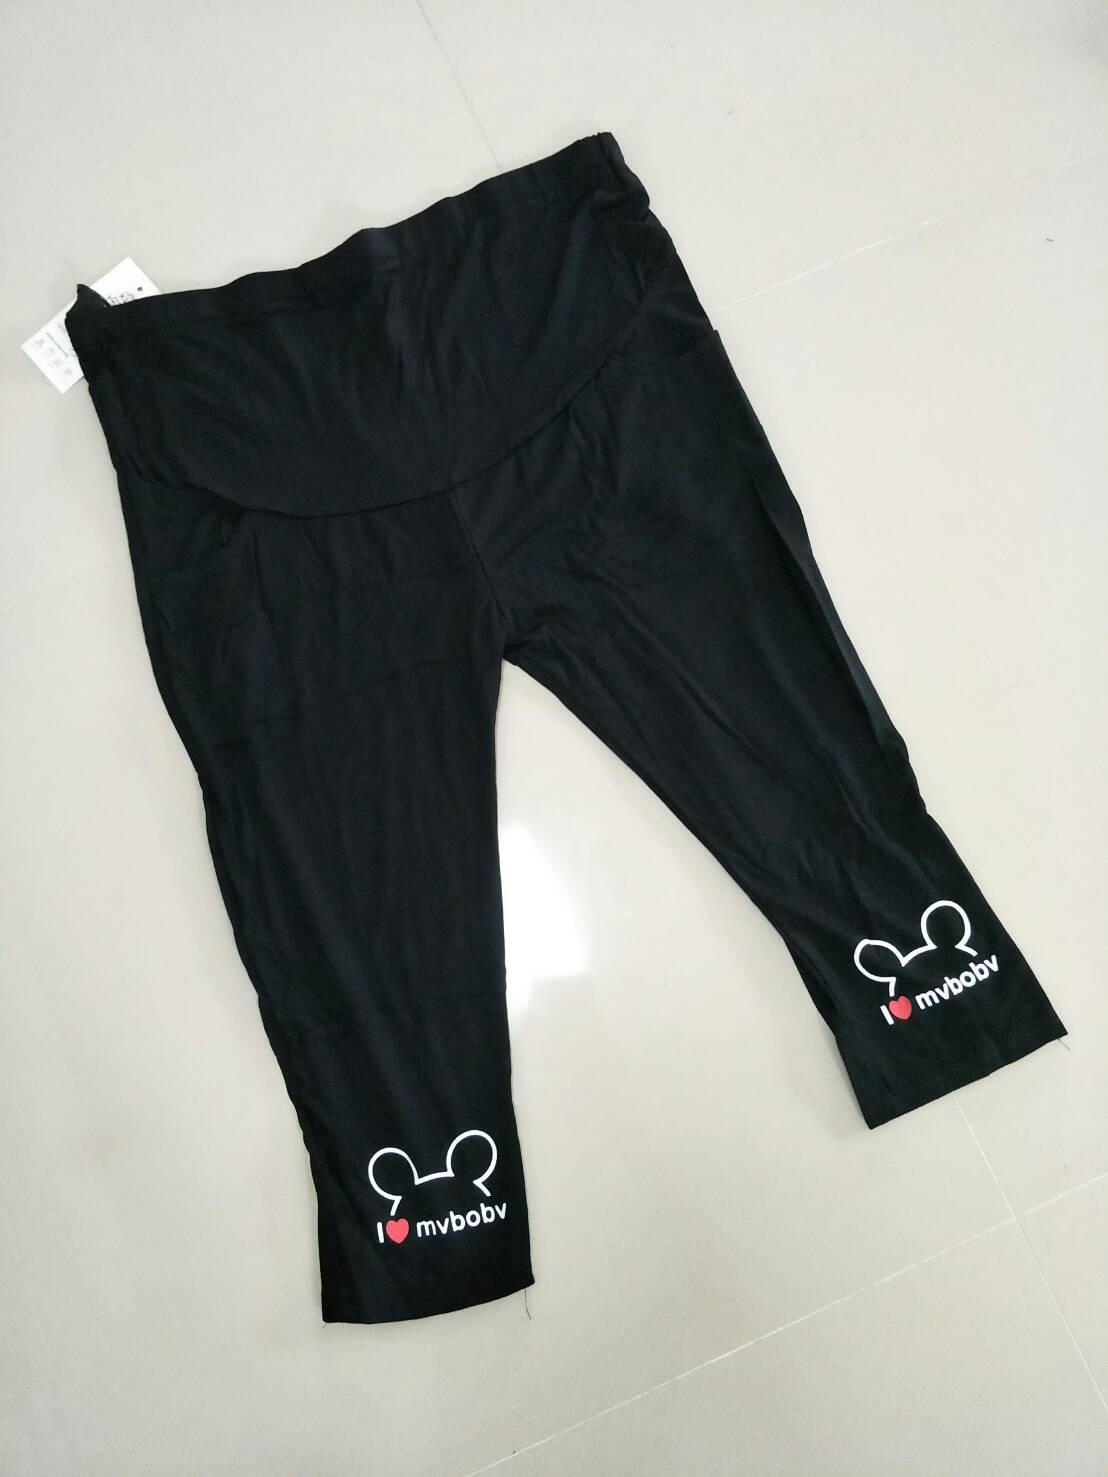 กางเกงพยุงหน้าท้อง กางเกงเลกกิ้งขา 5 ส่วน สีดำพิมพ์ลายหัวมิกกี้ที่ปลายขา น่ารักค่ะ